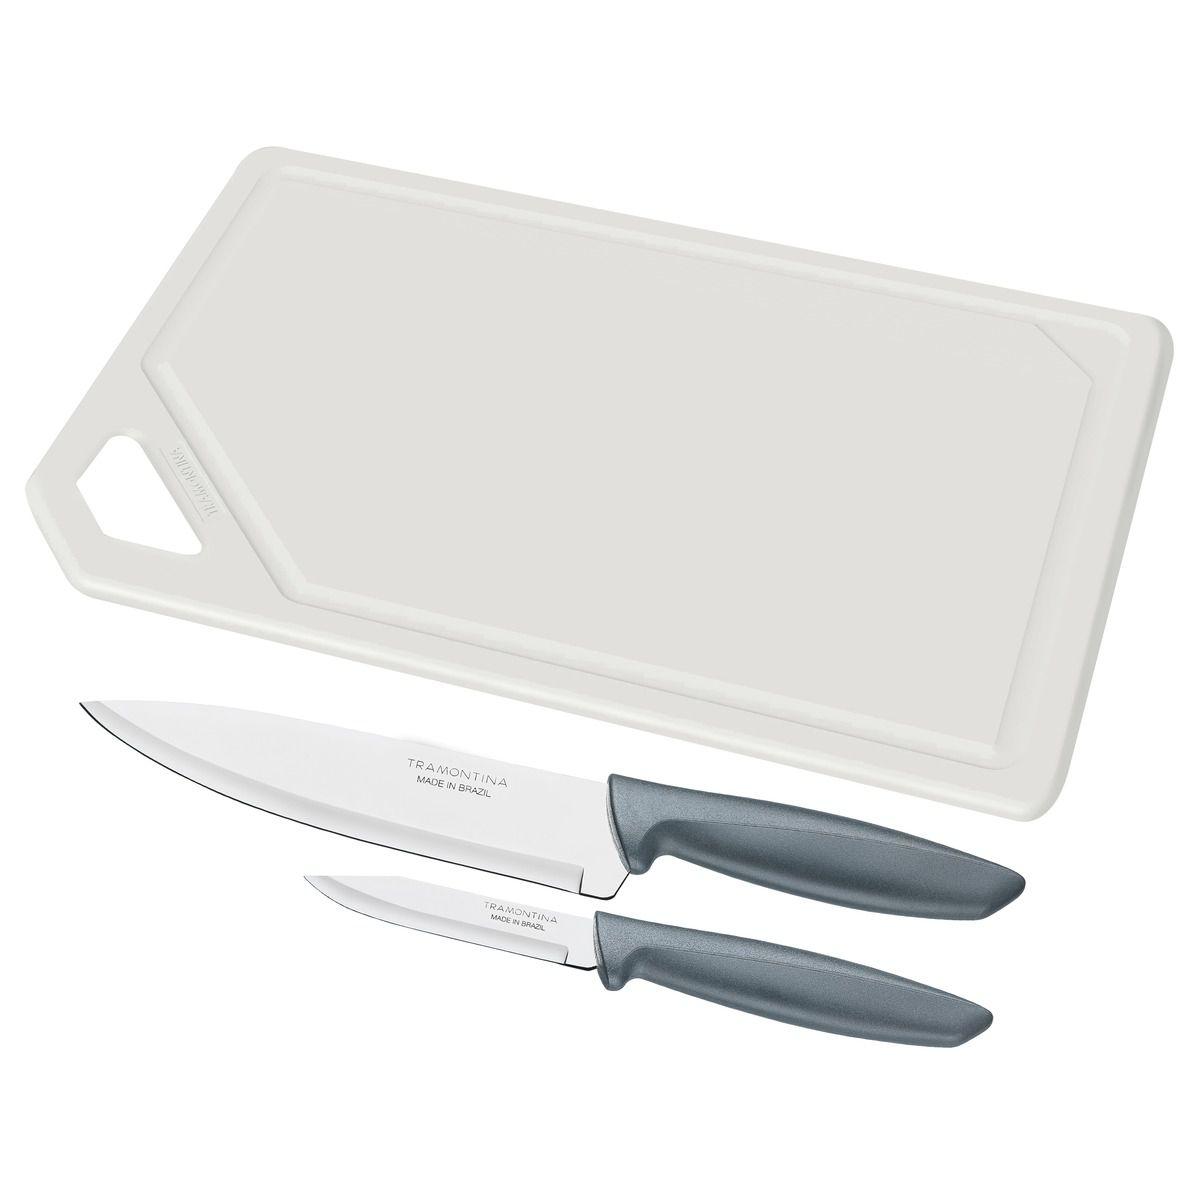 Kit para carnes e legumes 3 peças 23498/614 | Lojas Estrela